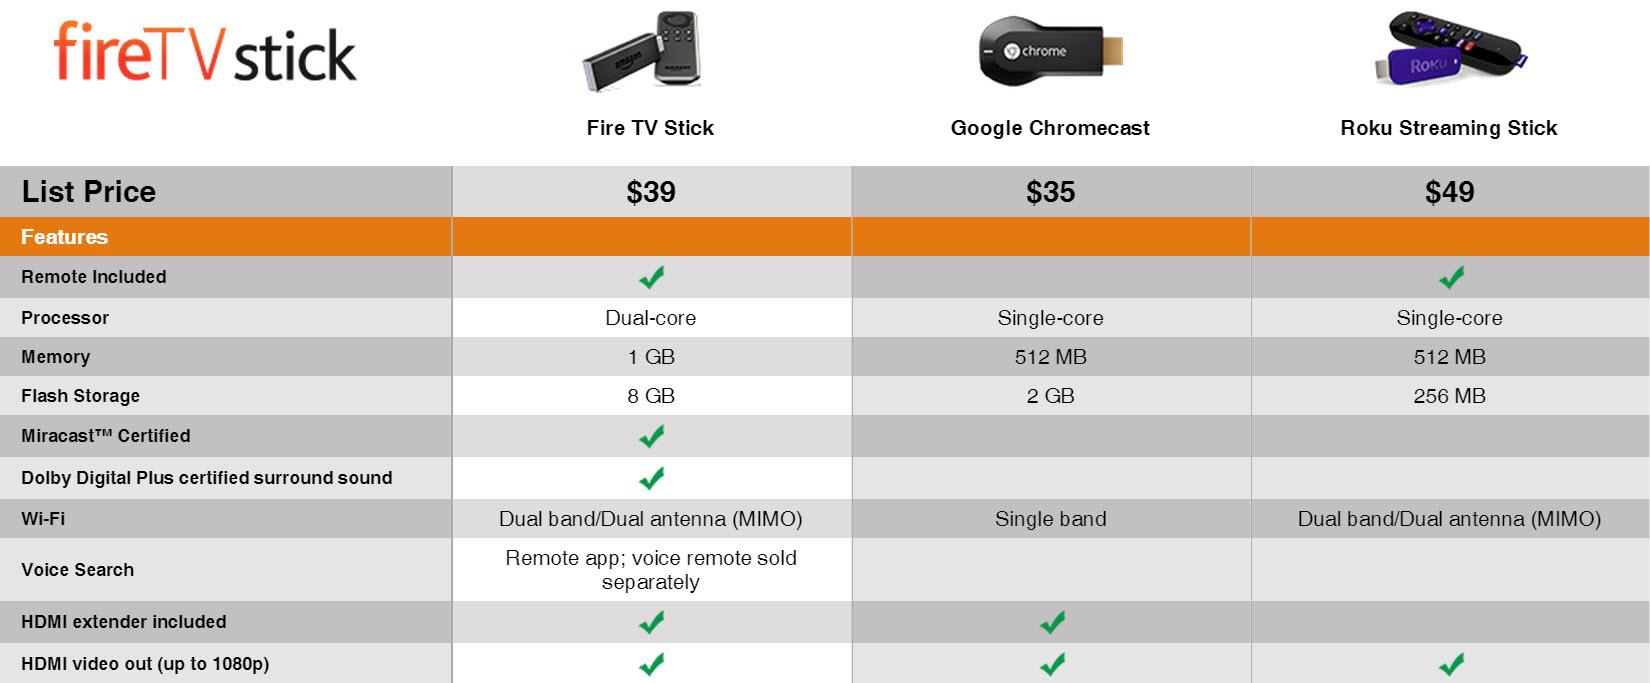 fire tv stick comparison